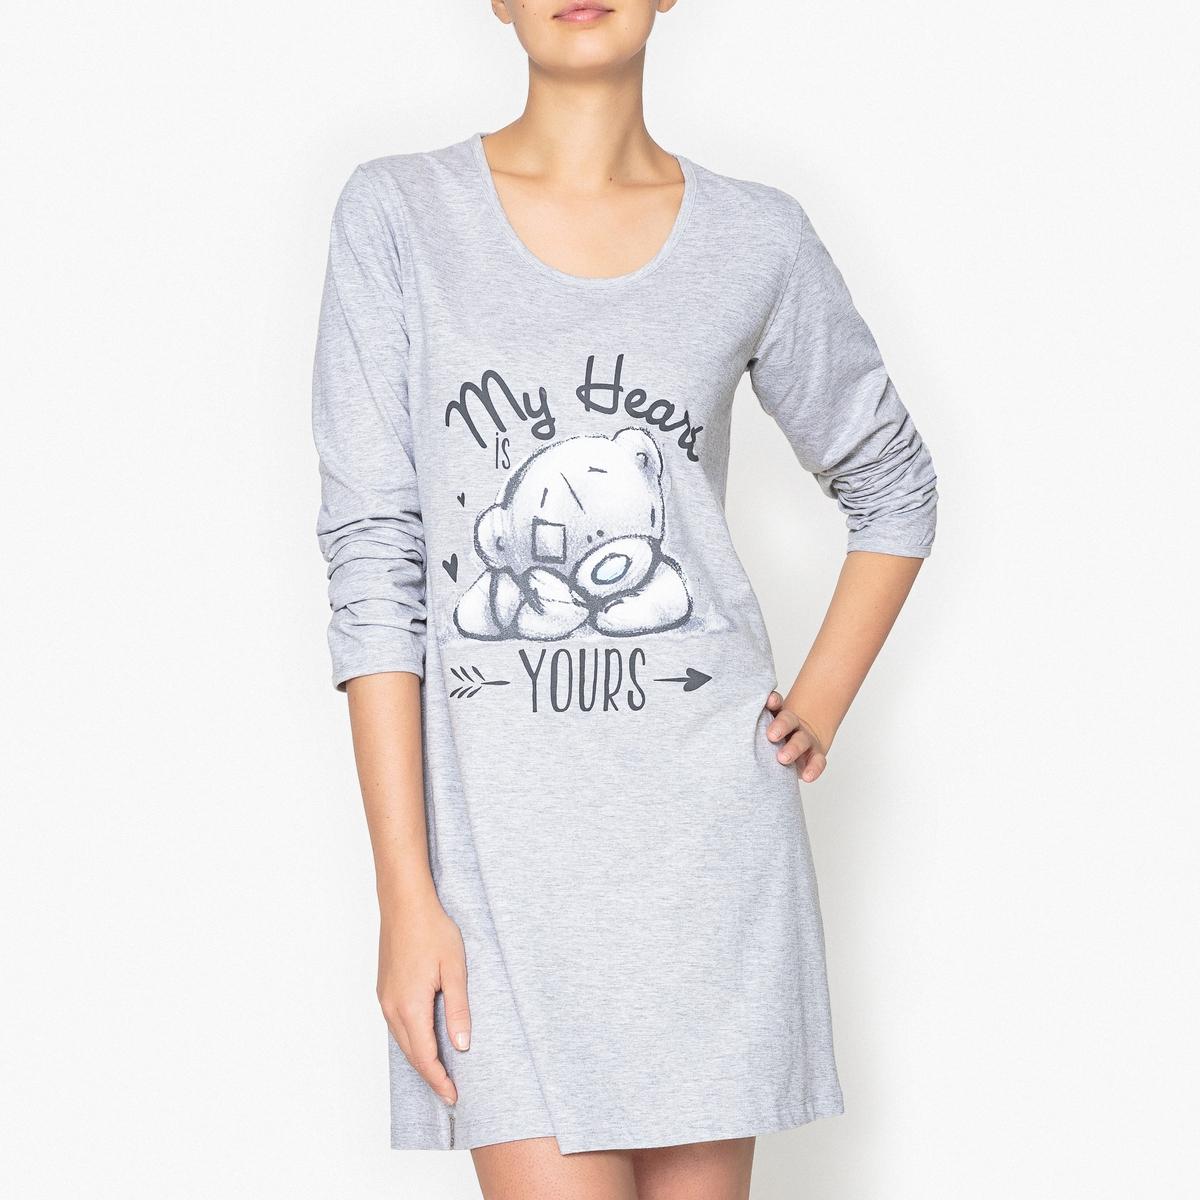 Ночная рубашка с принтом, Me to YouНочная рубашка-большая футболка с принтом My Heart is Yours ,мягкая и комфортная . Состав и описаниеНочная рубашка с принтом и длинными рукавами  . Круглый вырез. Материал :  92% хлопка, 8% полиэстера.Марка : Me to YouУход: :Машинная стирка при 30 °С на деликатном режиме с вещами схожих цветов.Стирать и гладить при низкой температуре с изнаночной стороны.Машинная сушка запрещена.<br><br>Цвет: серый<br>Размер: M